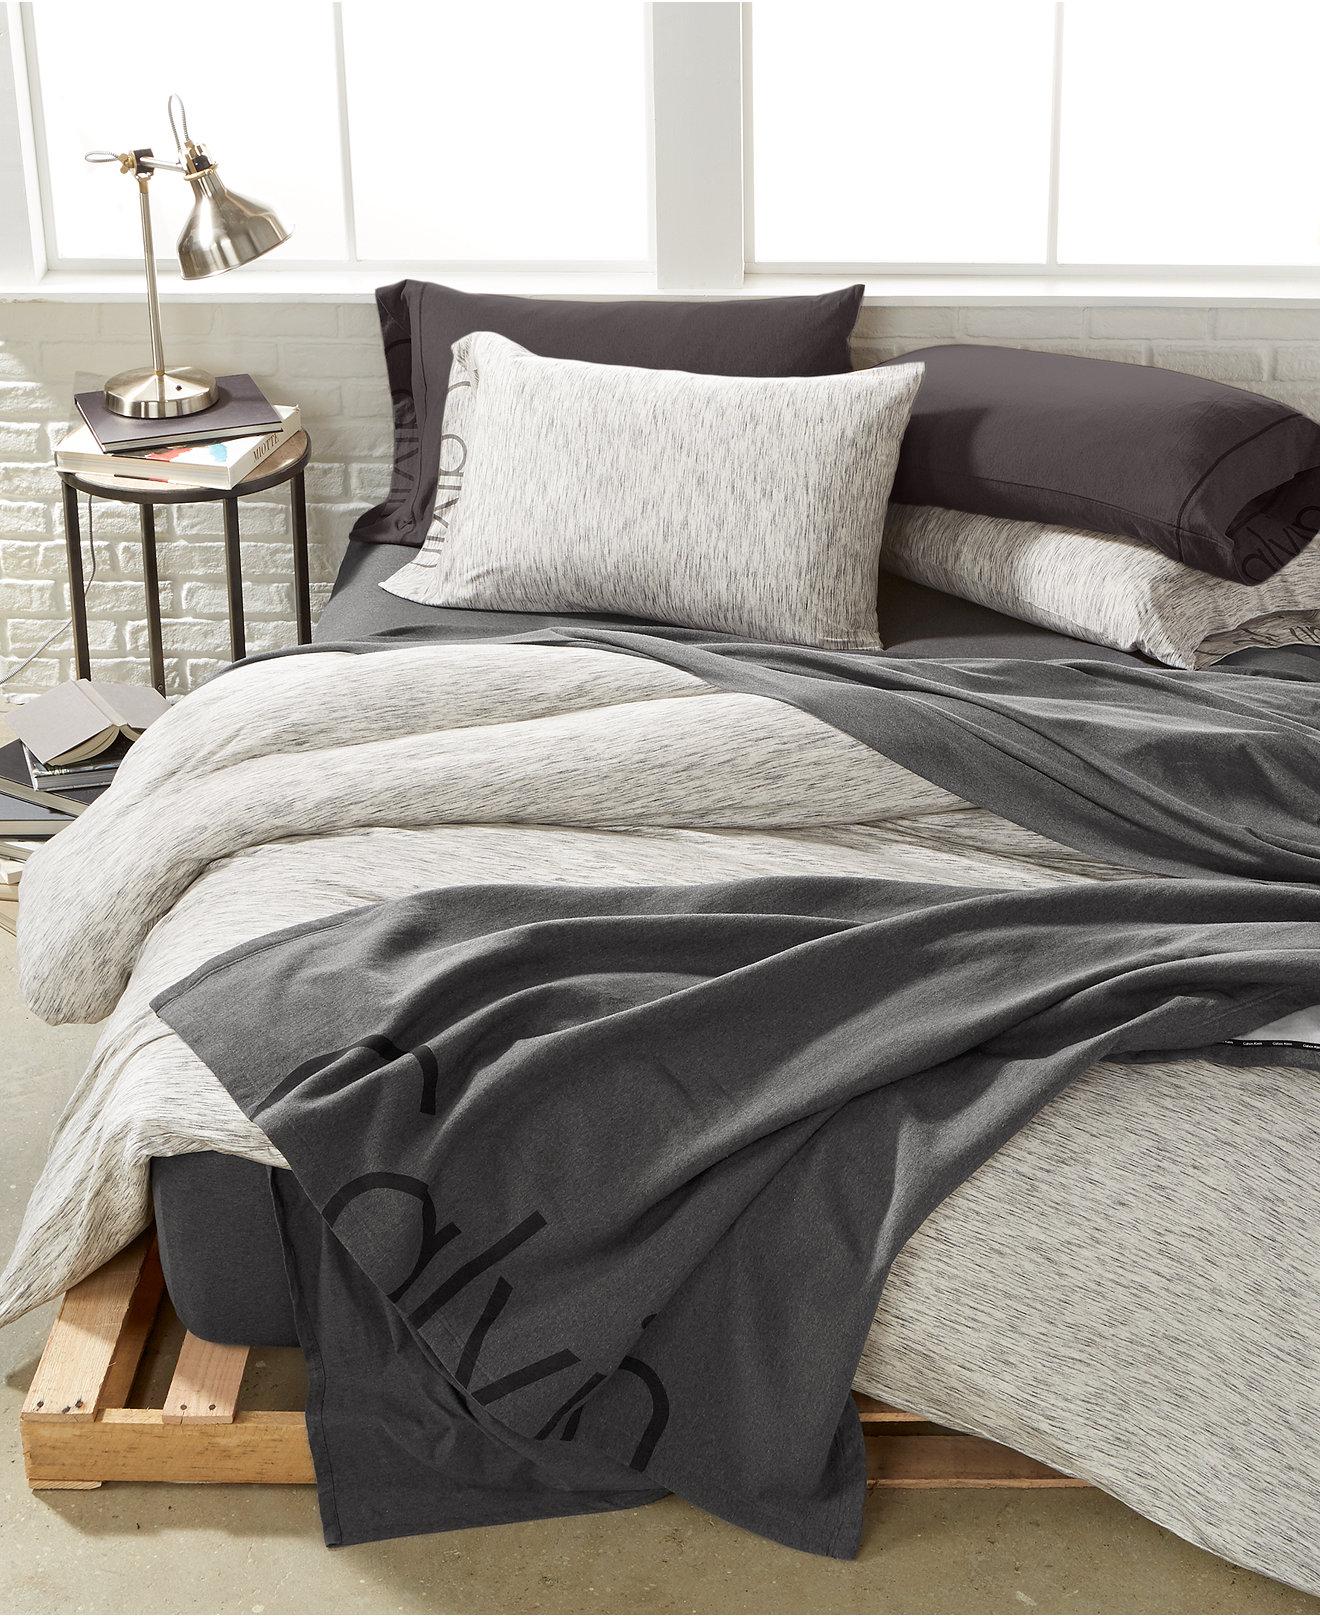 bedding collections  macy's - calvin klein modern cotton strata marble bedding collection